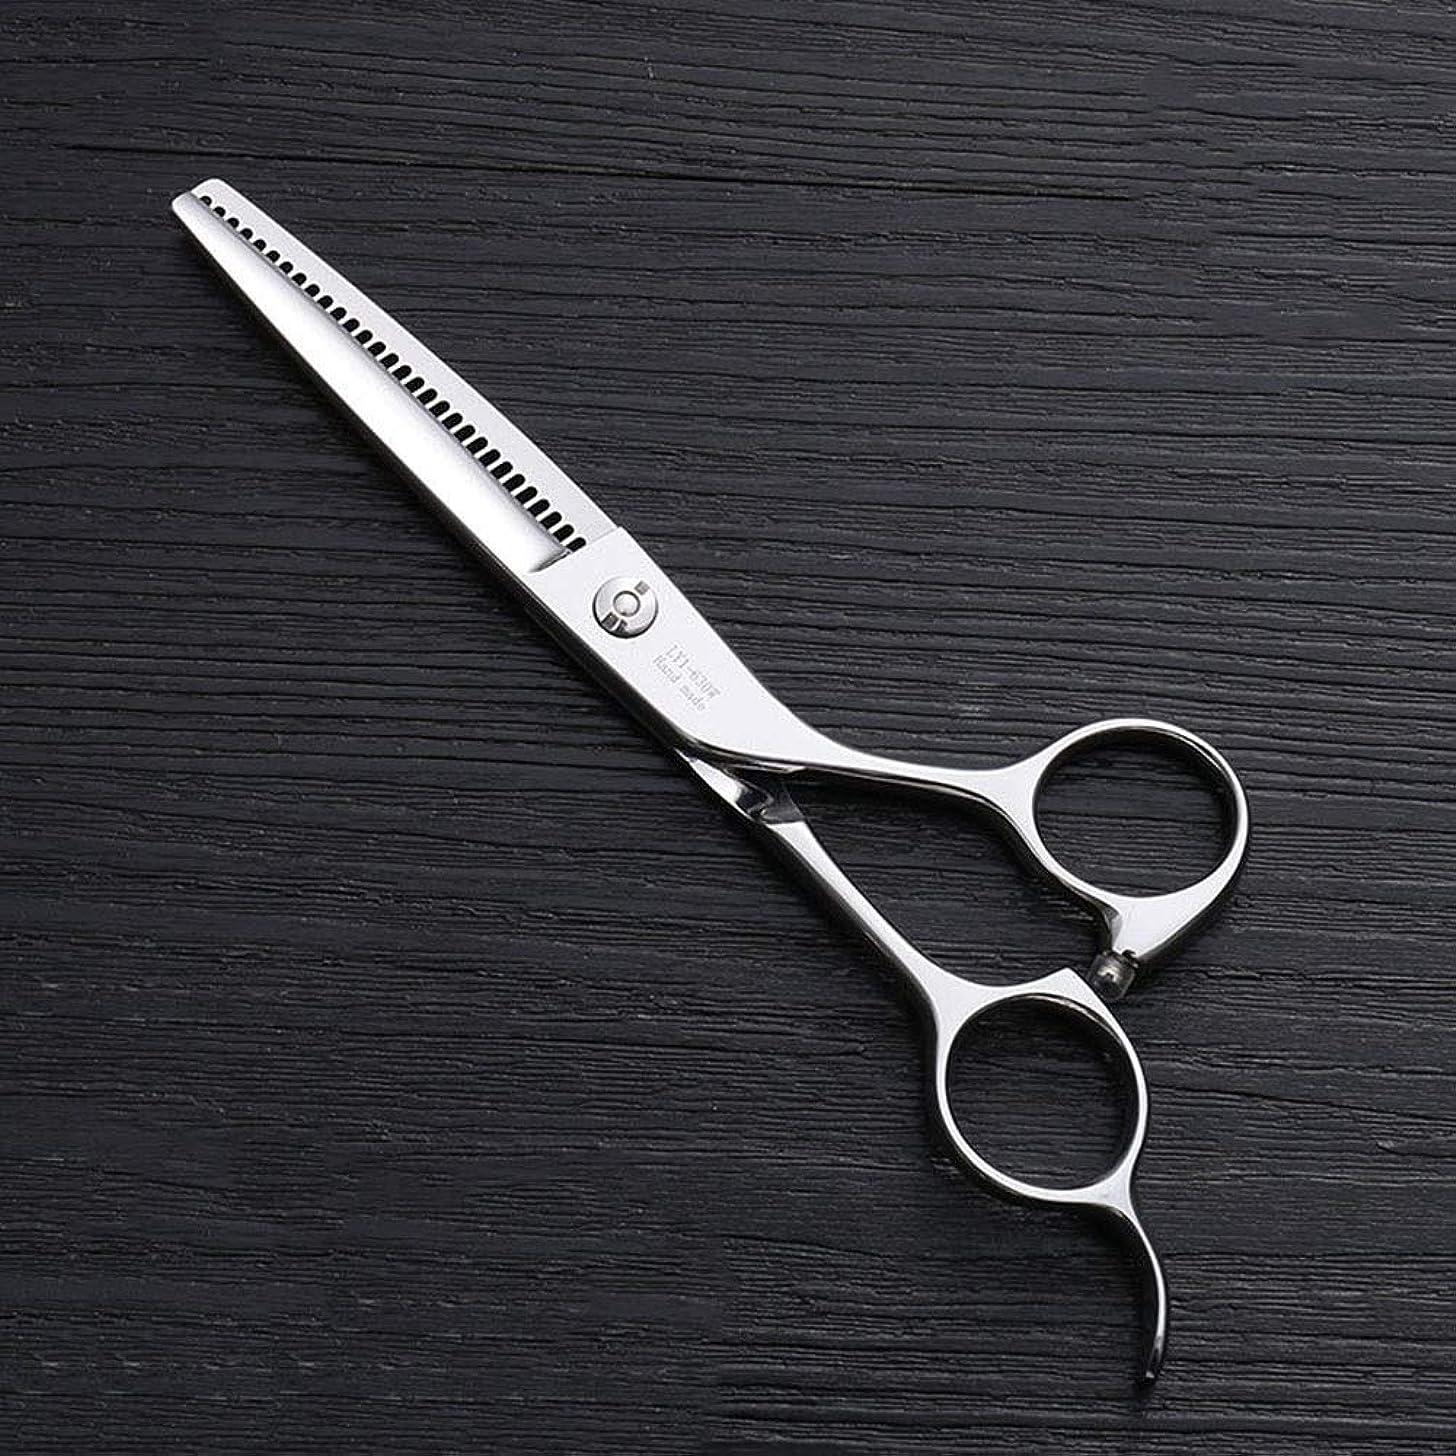 比喩耐久所有権6インチ理髪はさみ、30歯理髪はさみ、ステンレス鋼理髪ツール モデリングツール (色 : Silver)